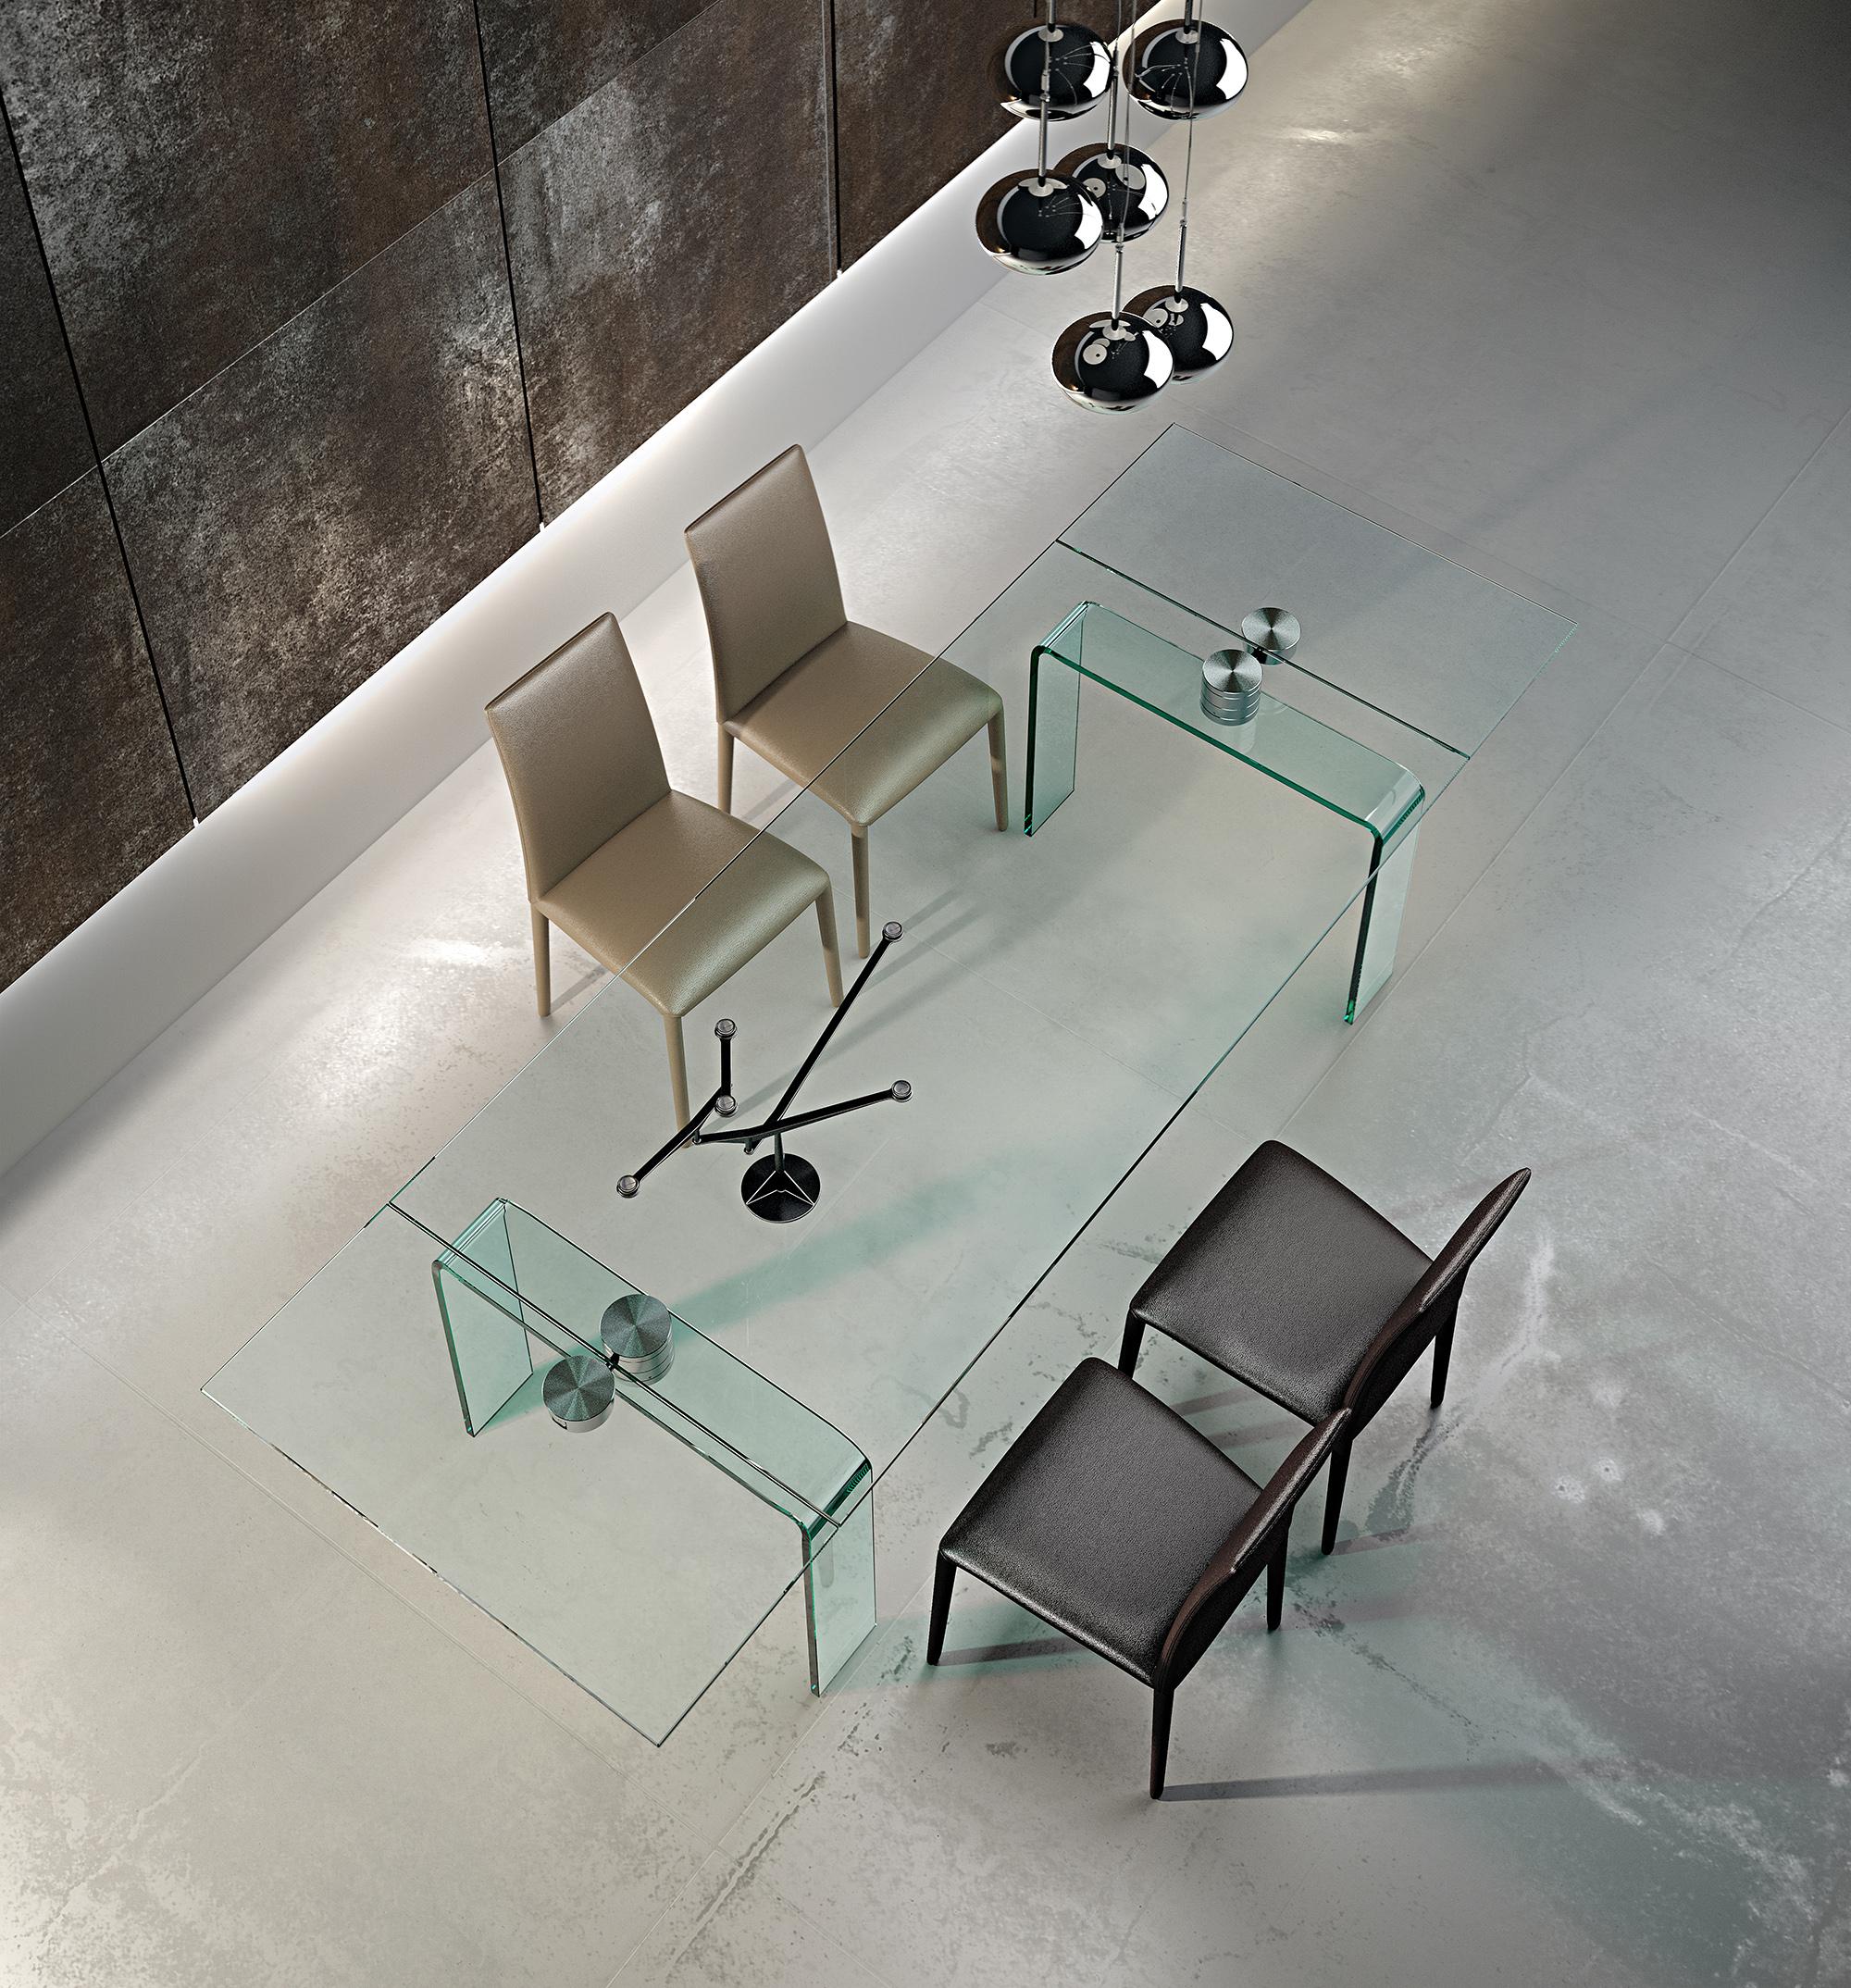 tavolo cristallo saturno riflessi